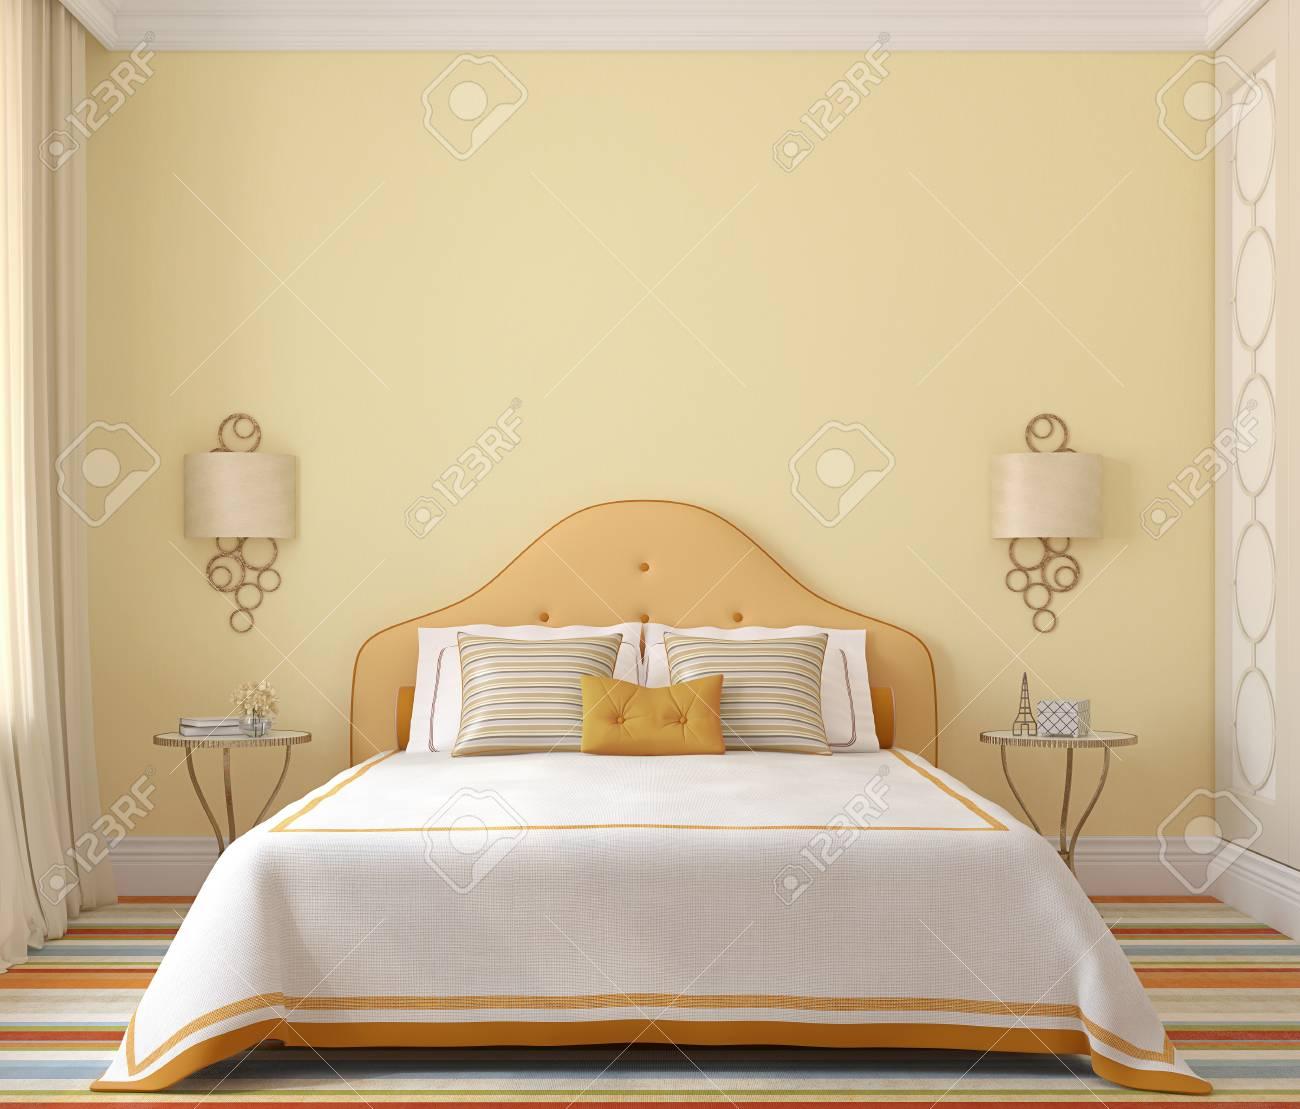 Intérieur de chambre à coucher pour fille. Rendu 3D.